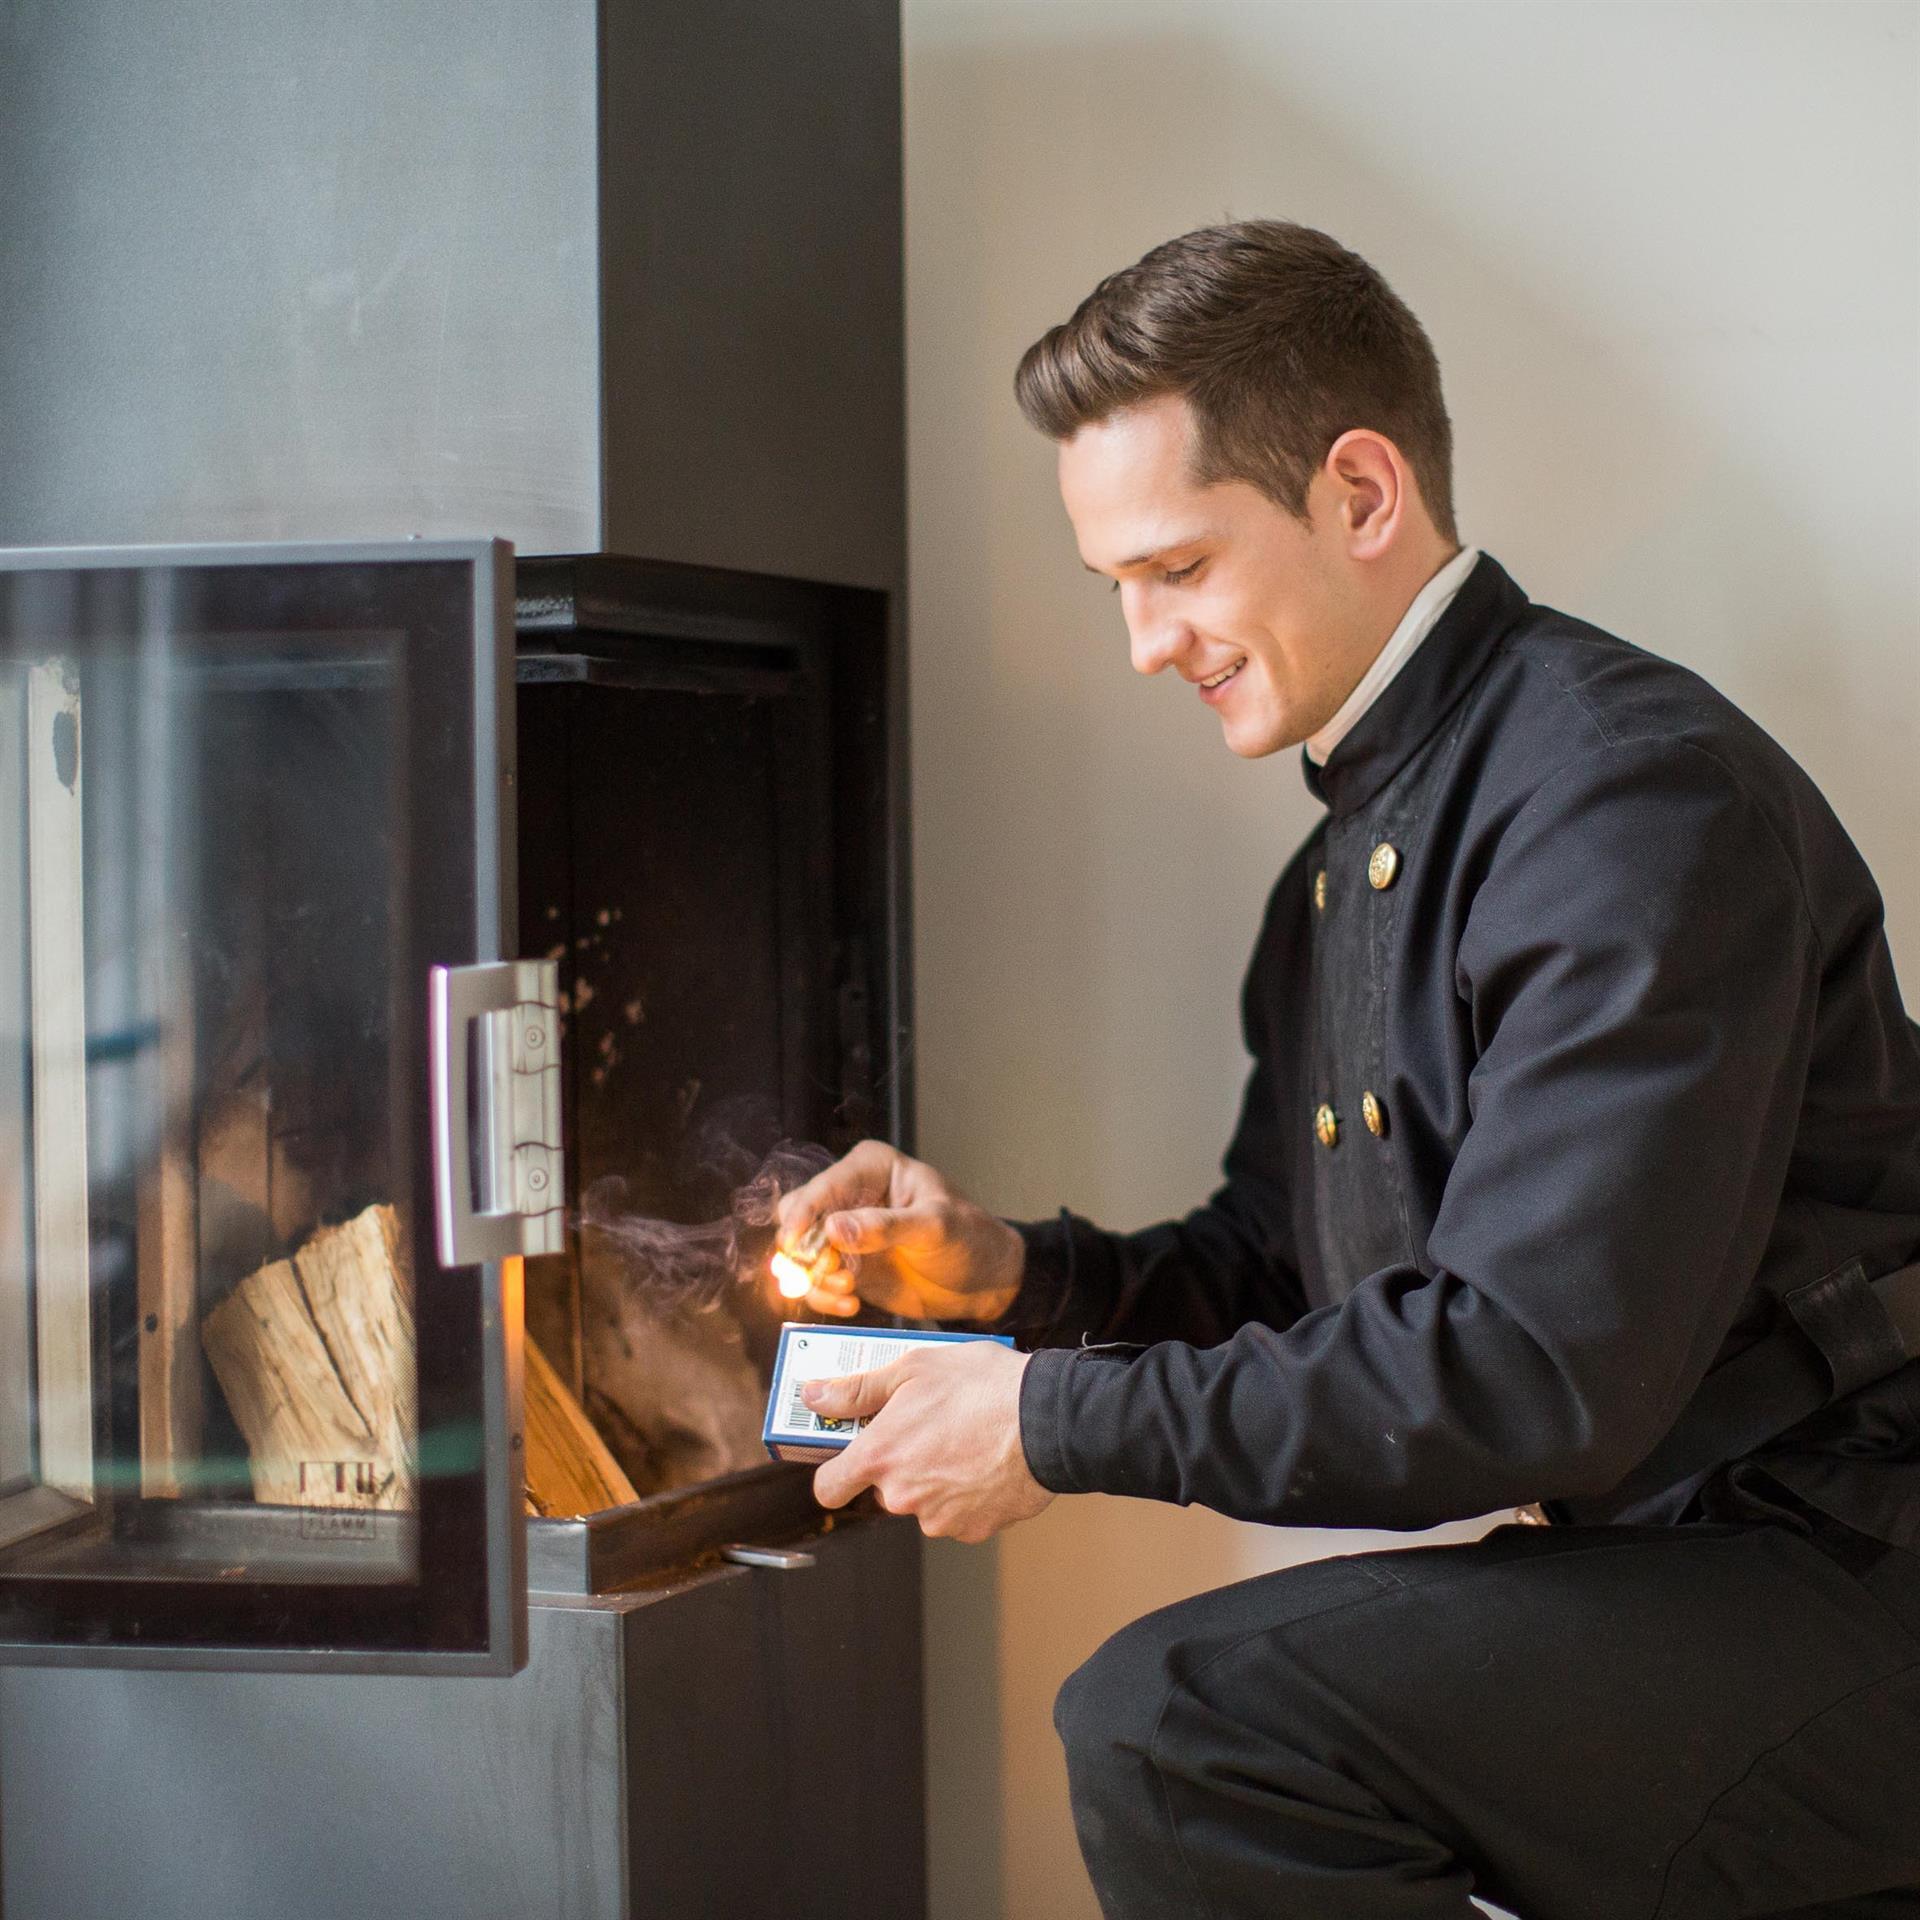 kamin fen informationen und tipps schornsteinfegerinnung. Black Bedroom Furniture Sets. Home Design Ideas